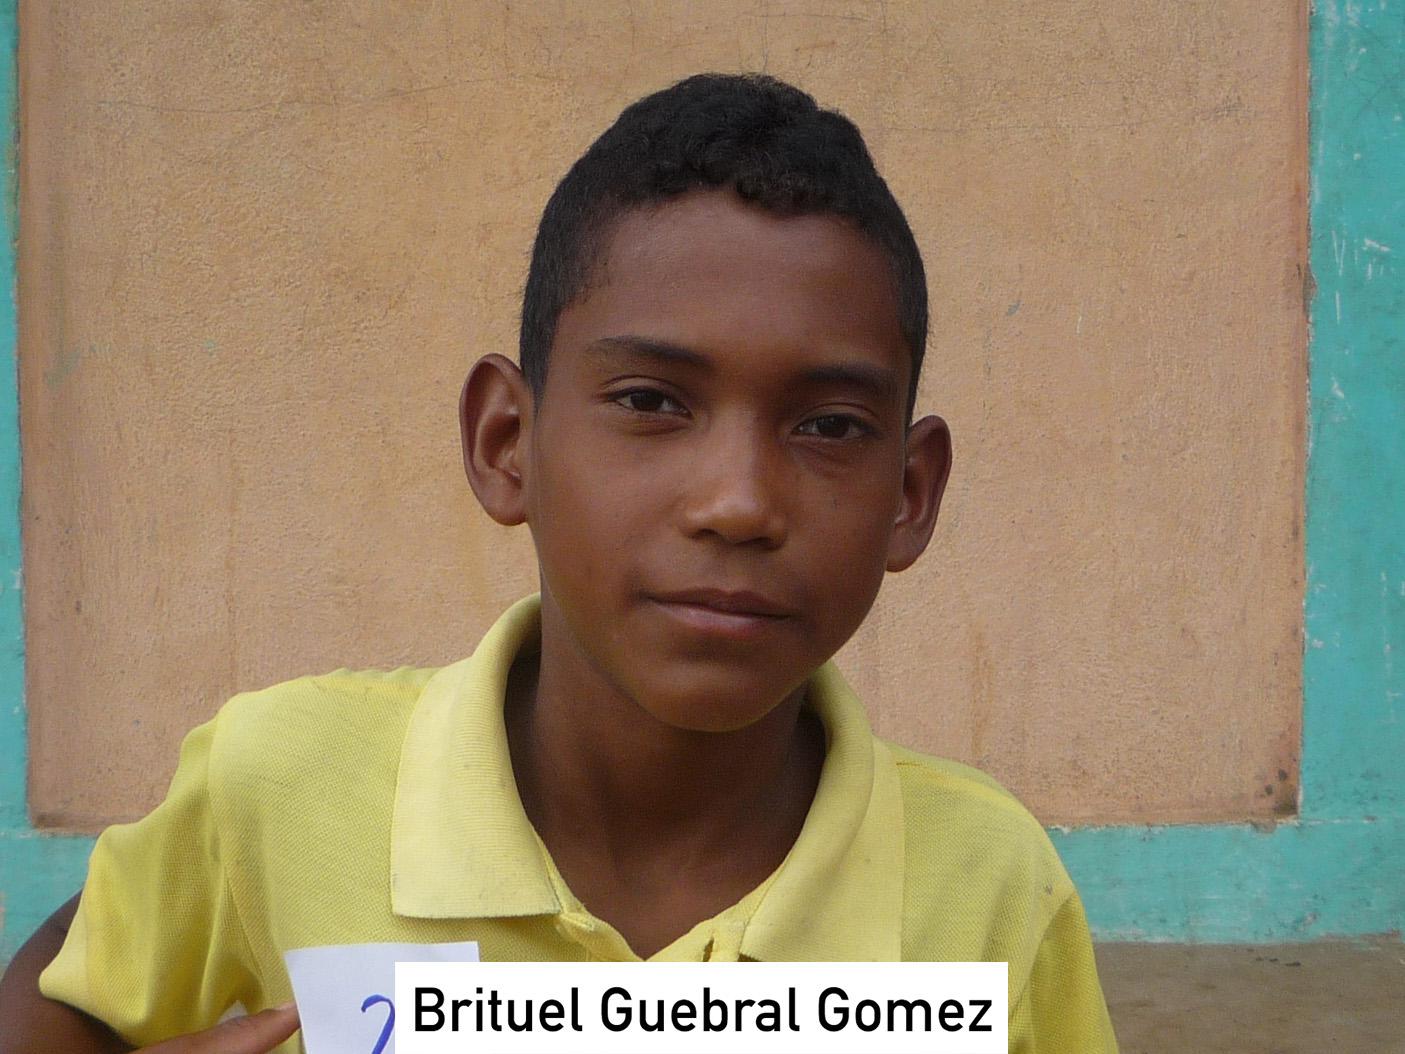 002 - Brituel Guebral Gómez.jpg